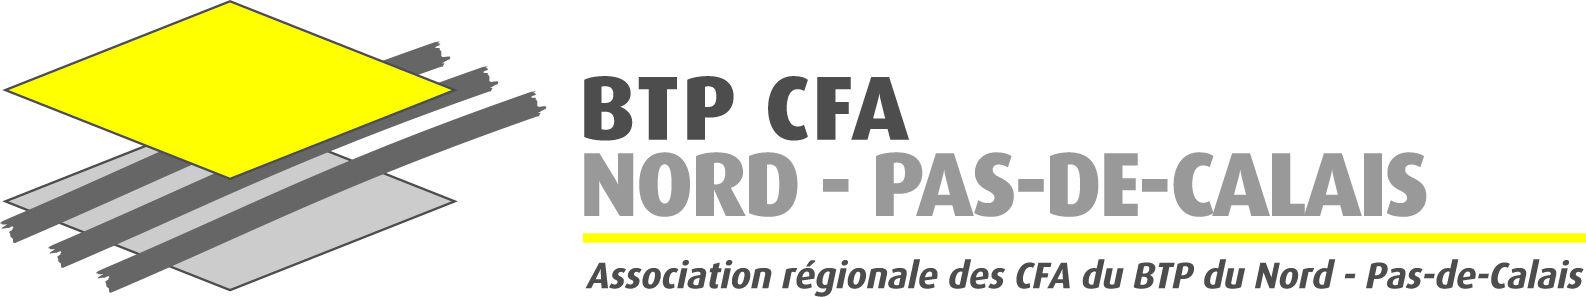 BTP CFA NORD PAS DE CALAIS